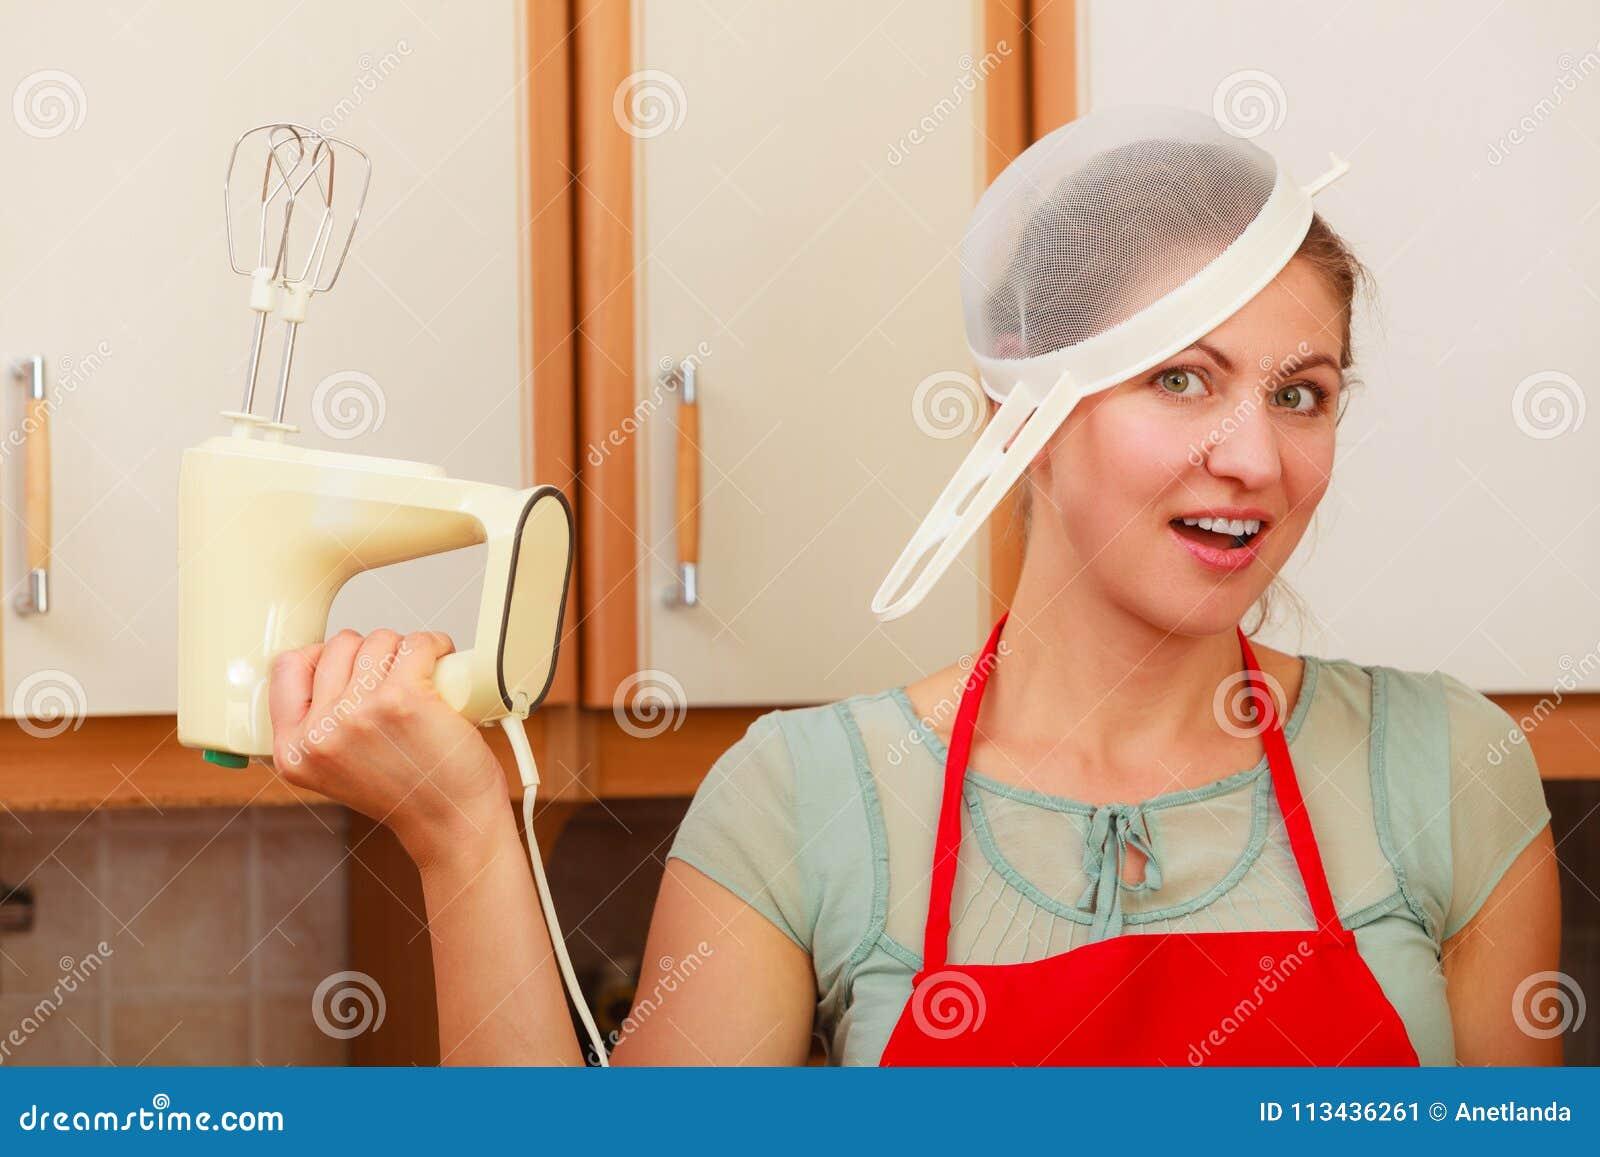 fun Housewife having